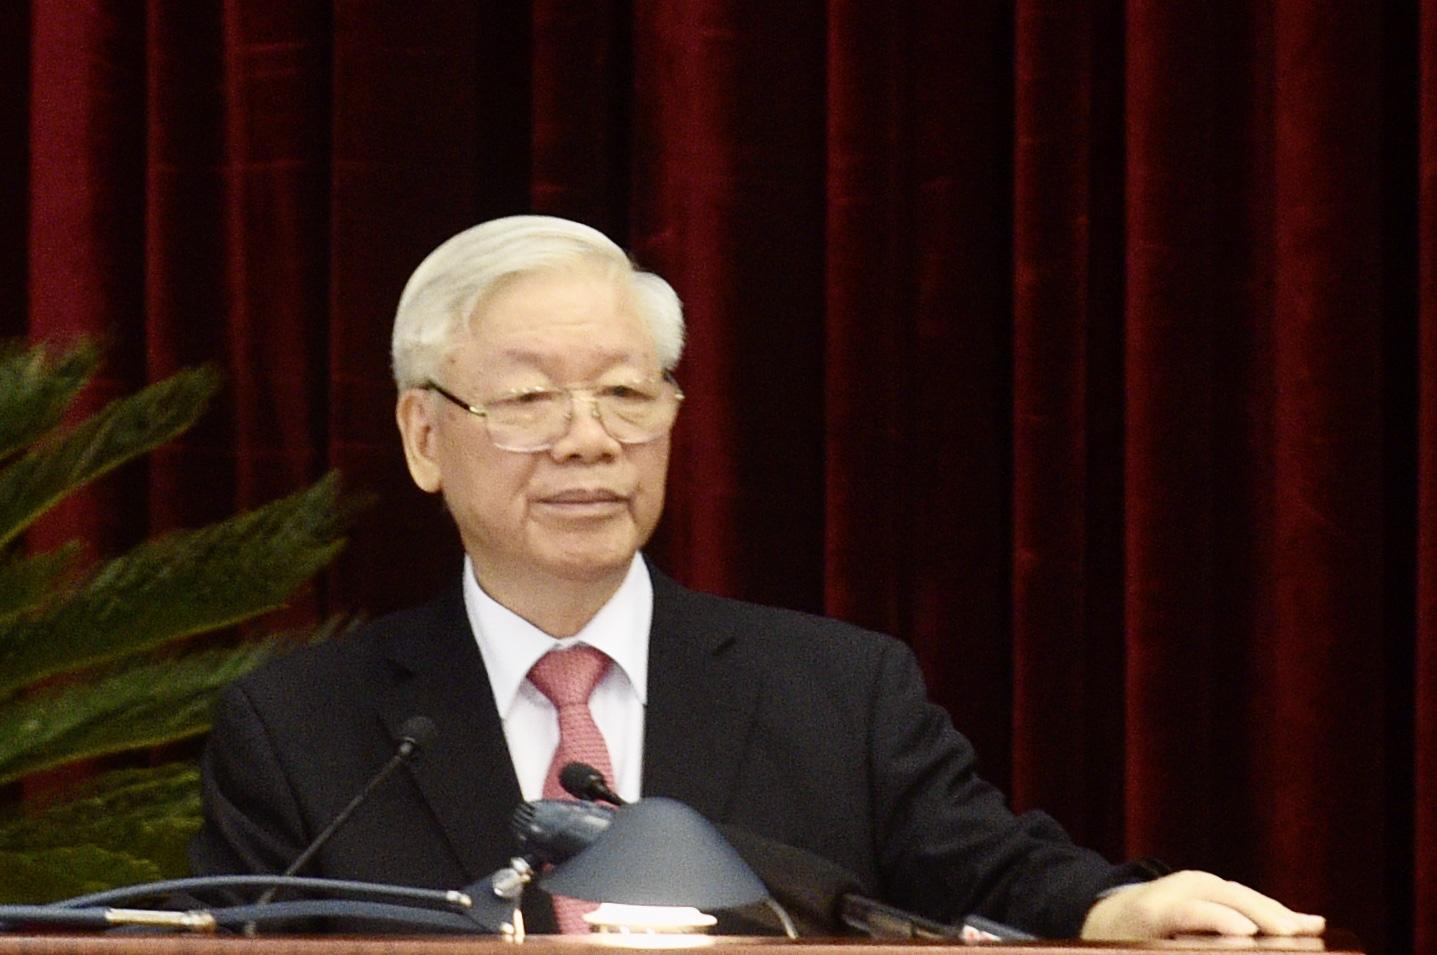 Tổng Bí thư, Chủ tịch nước: Nhân sự Trung ương khóa XIII không vì cơ cấu, số lượng mà hạ thấp tiêu chuẩn - Ảnh 1.